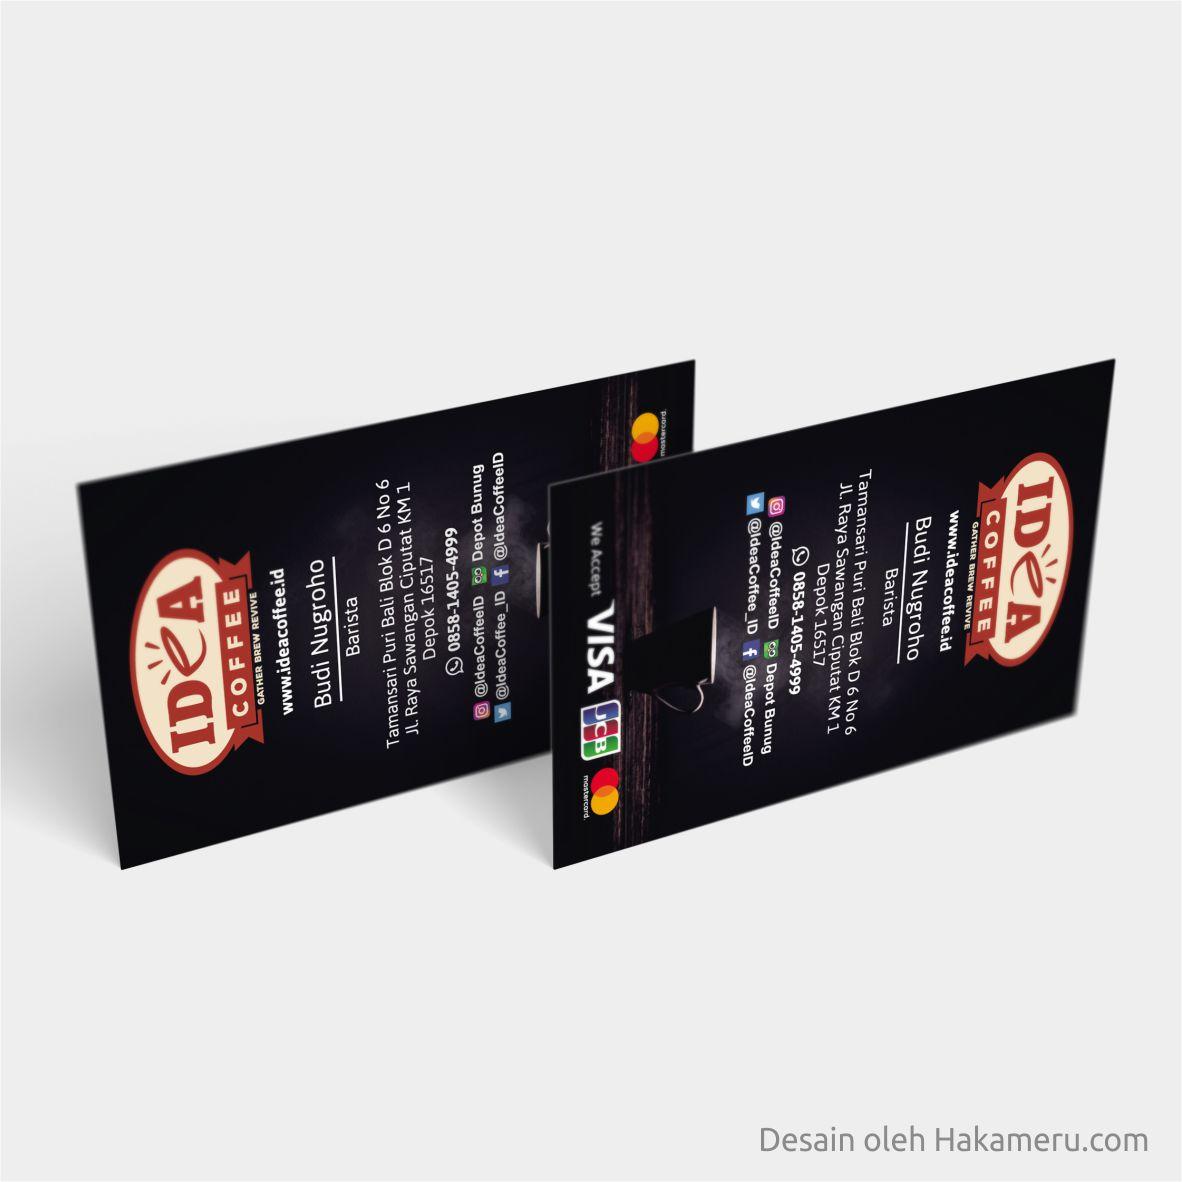 Hasil contoh desain kartu nama untuk usaha kopi Idea Coffee